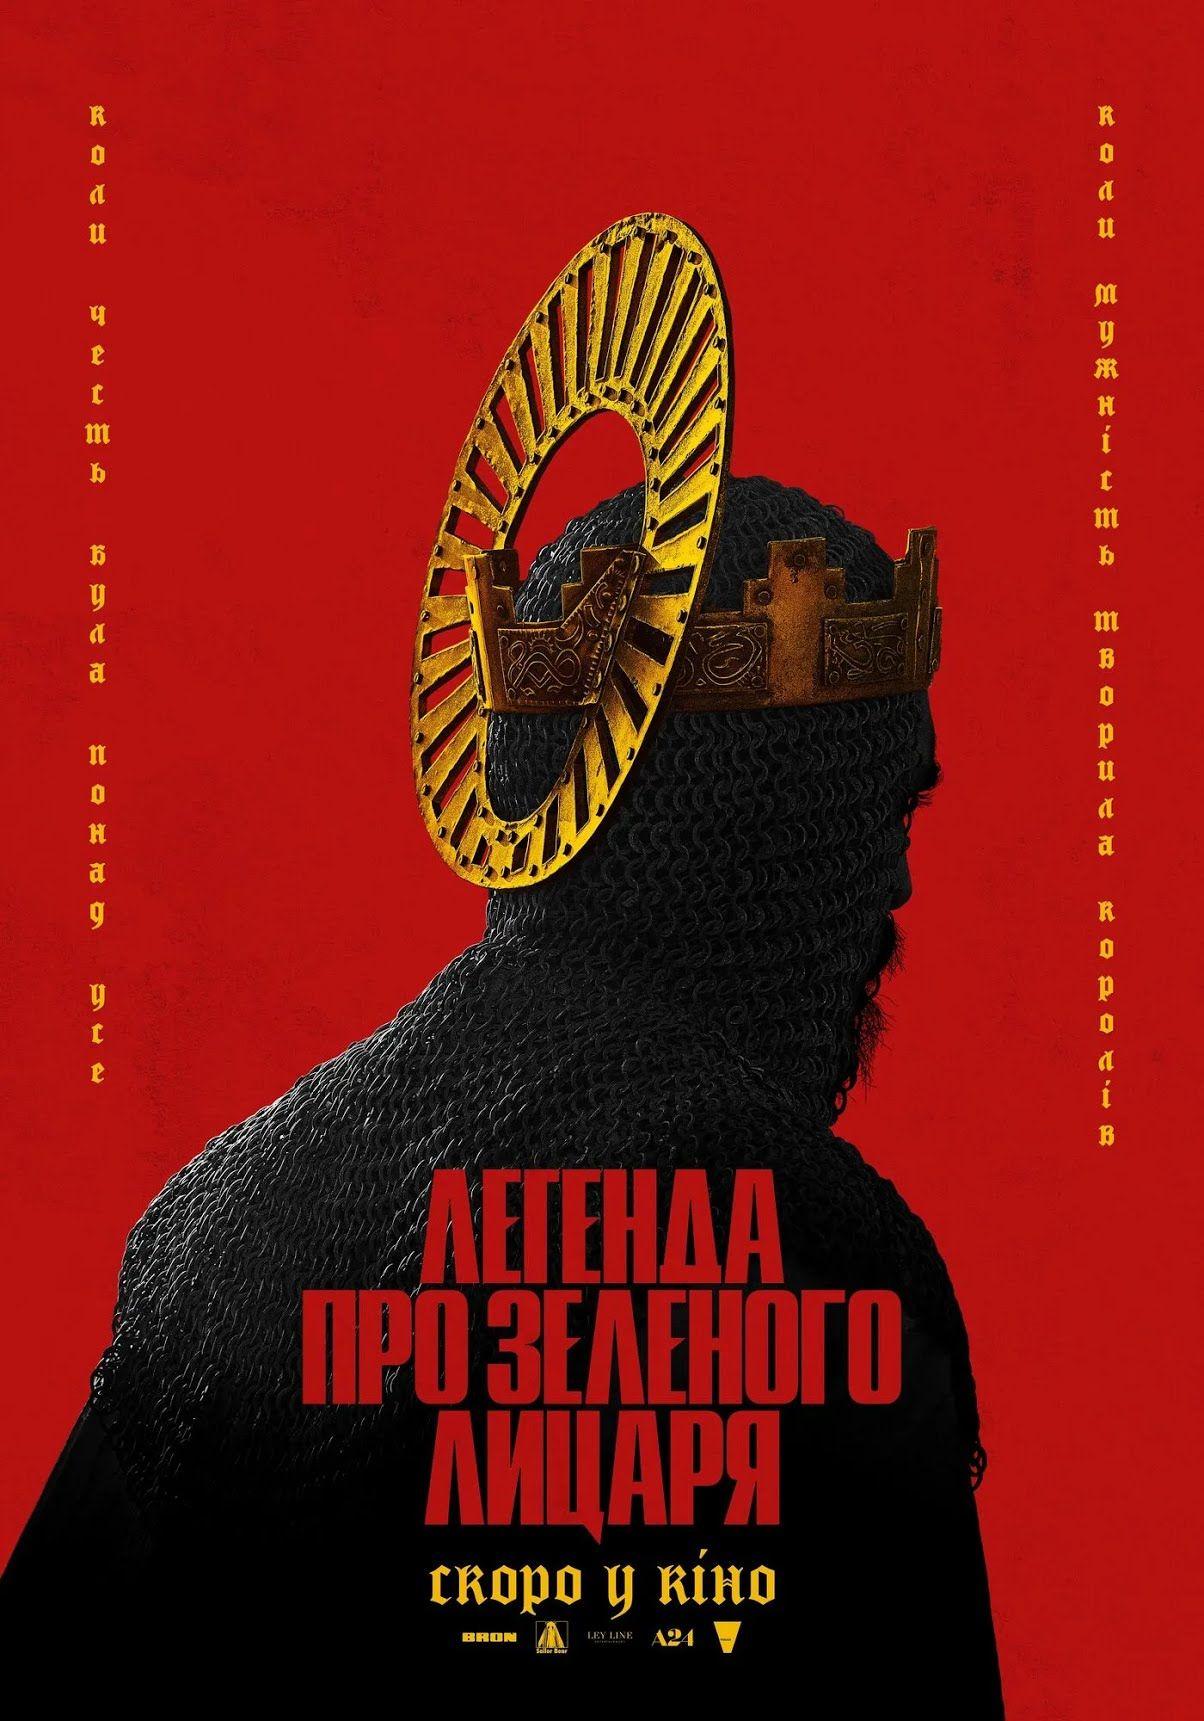 Премьера фэнтези выйдет на экраны кинотеатров с 26 августа